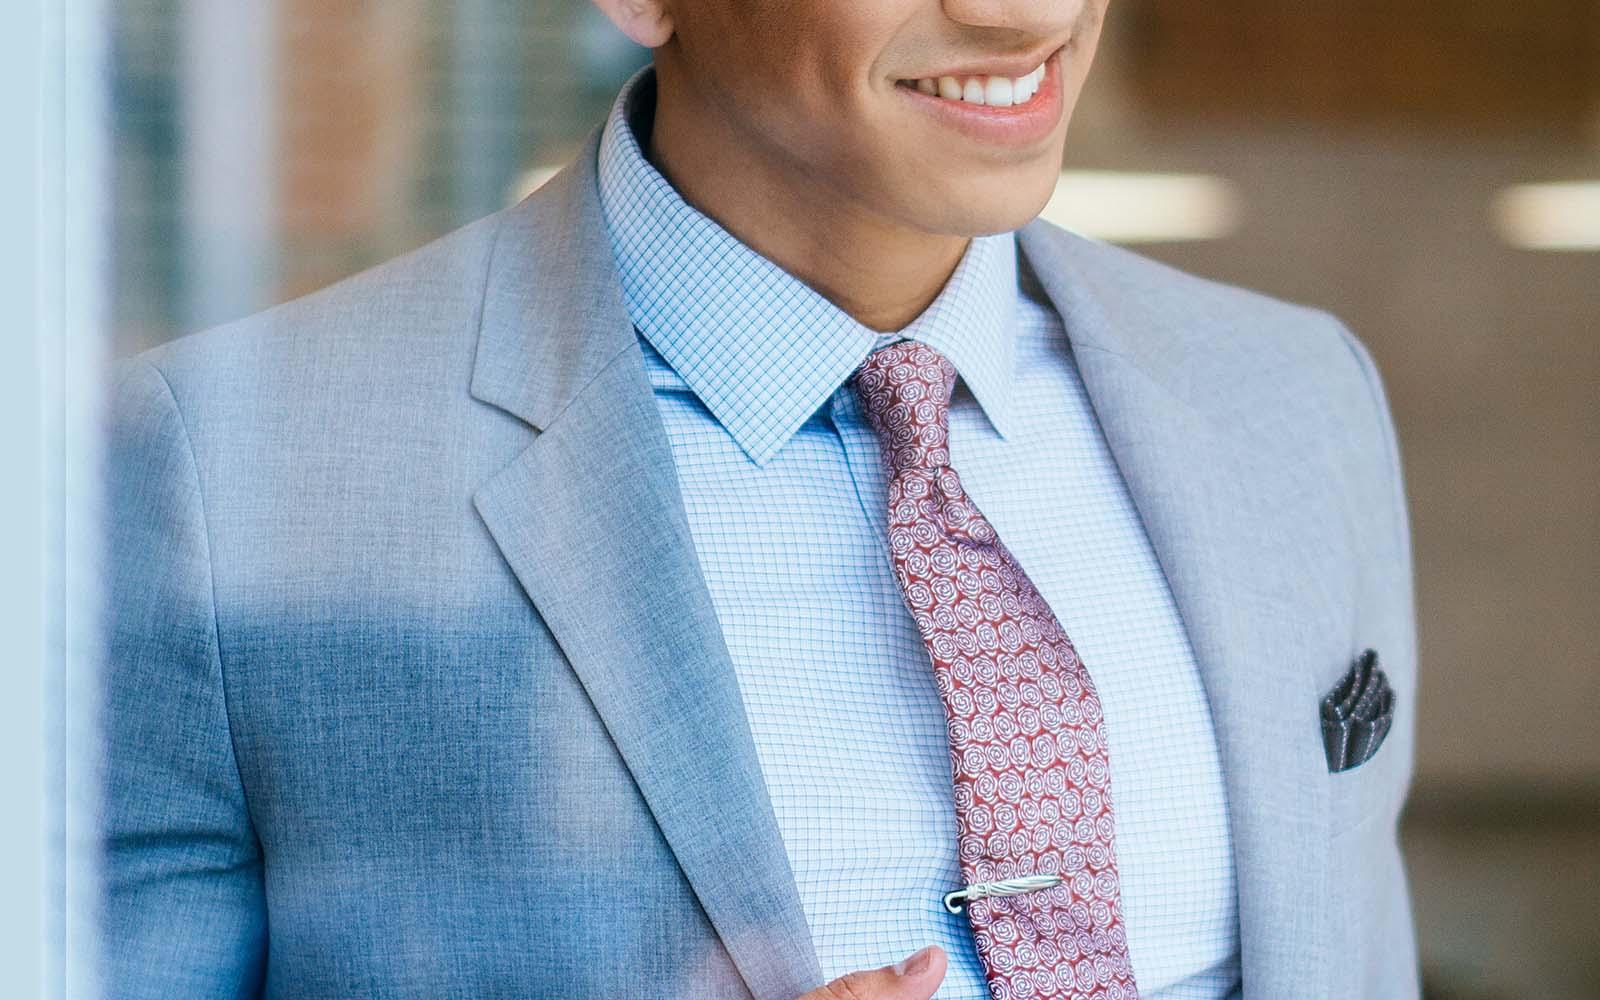 Chiều dài của cà vạt: Cẩm nang toàn tập (+Infographic)